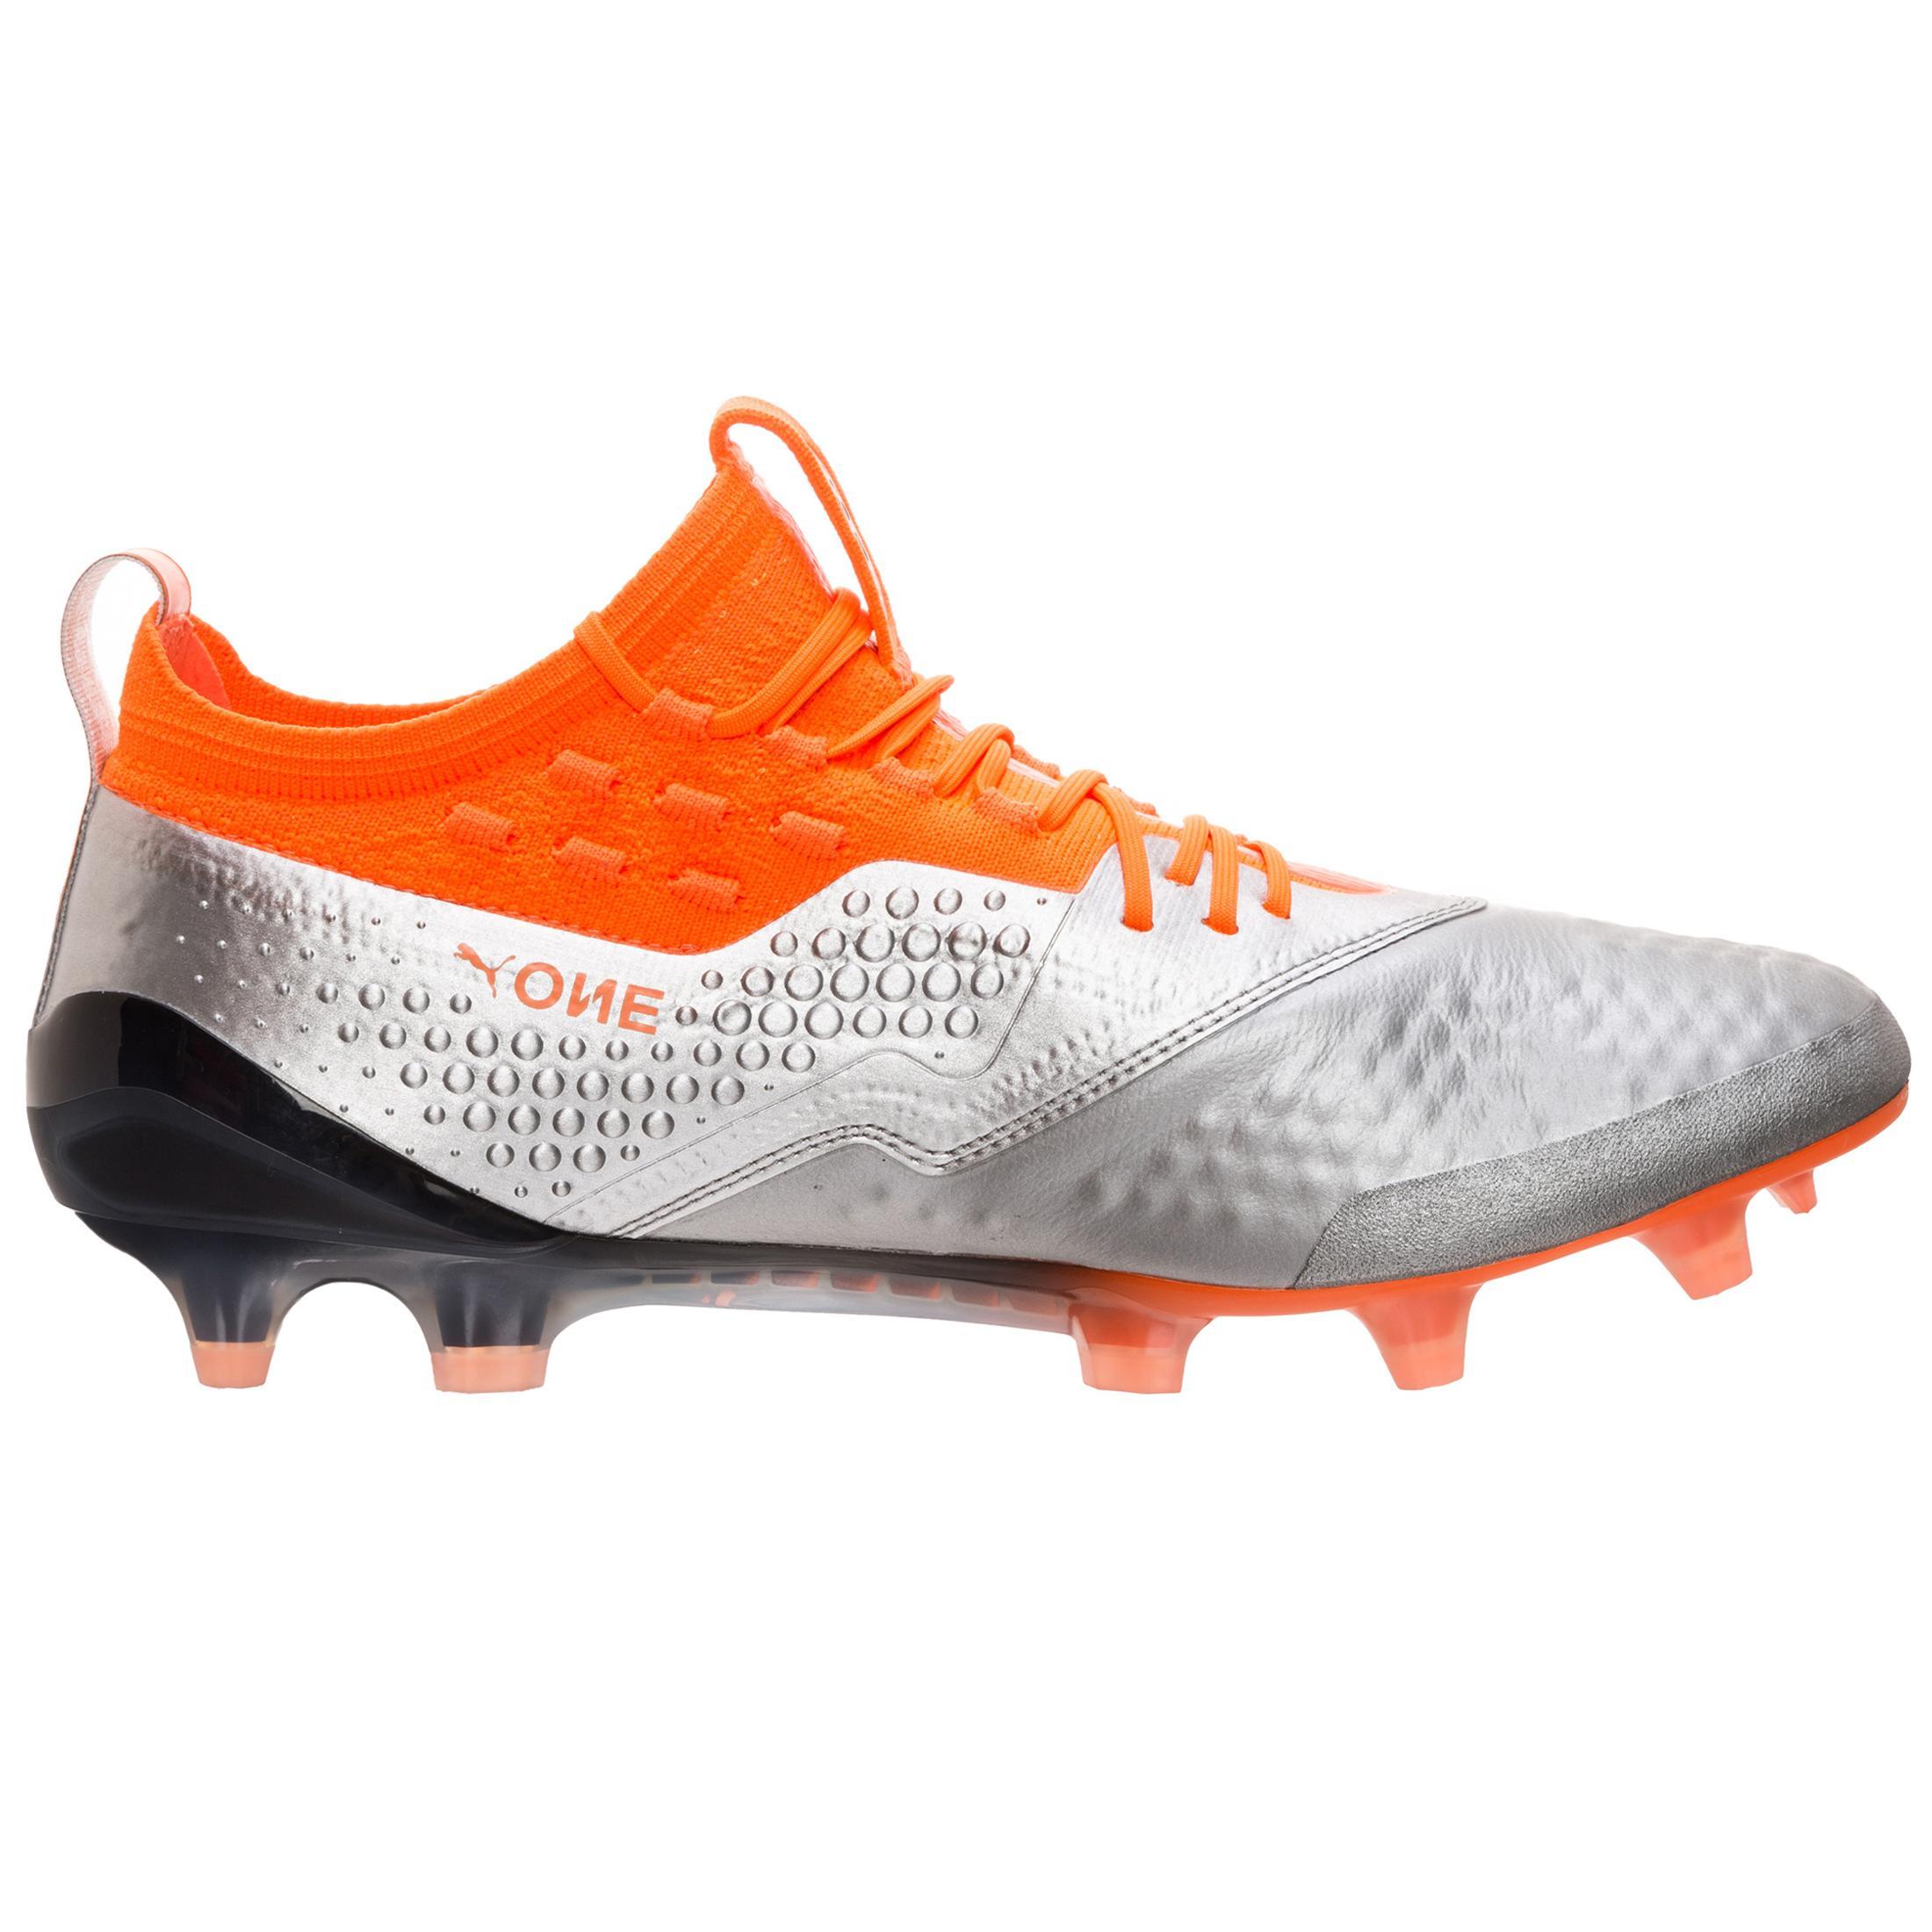 PUMA Puma ONE ONE ONE 1 Fußballschuhe Herren silber / neon orange im Online Shop von SportScheck kaufen Gute Qualität beliebte Schuhe 620e2b